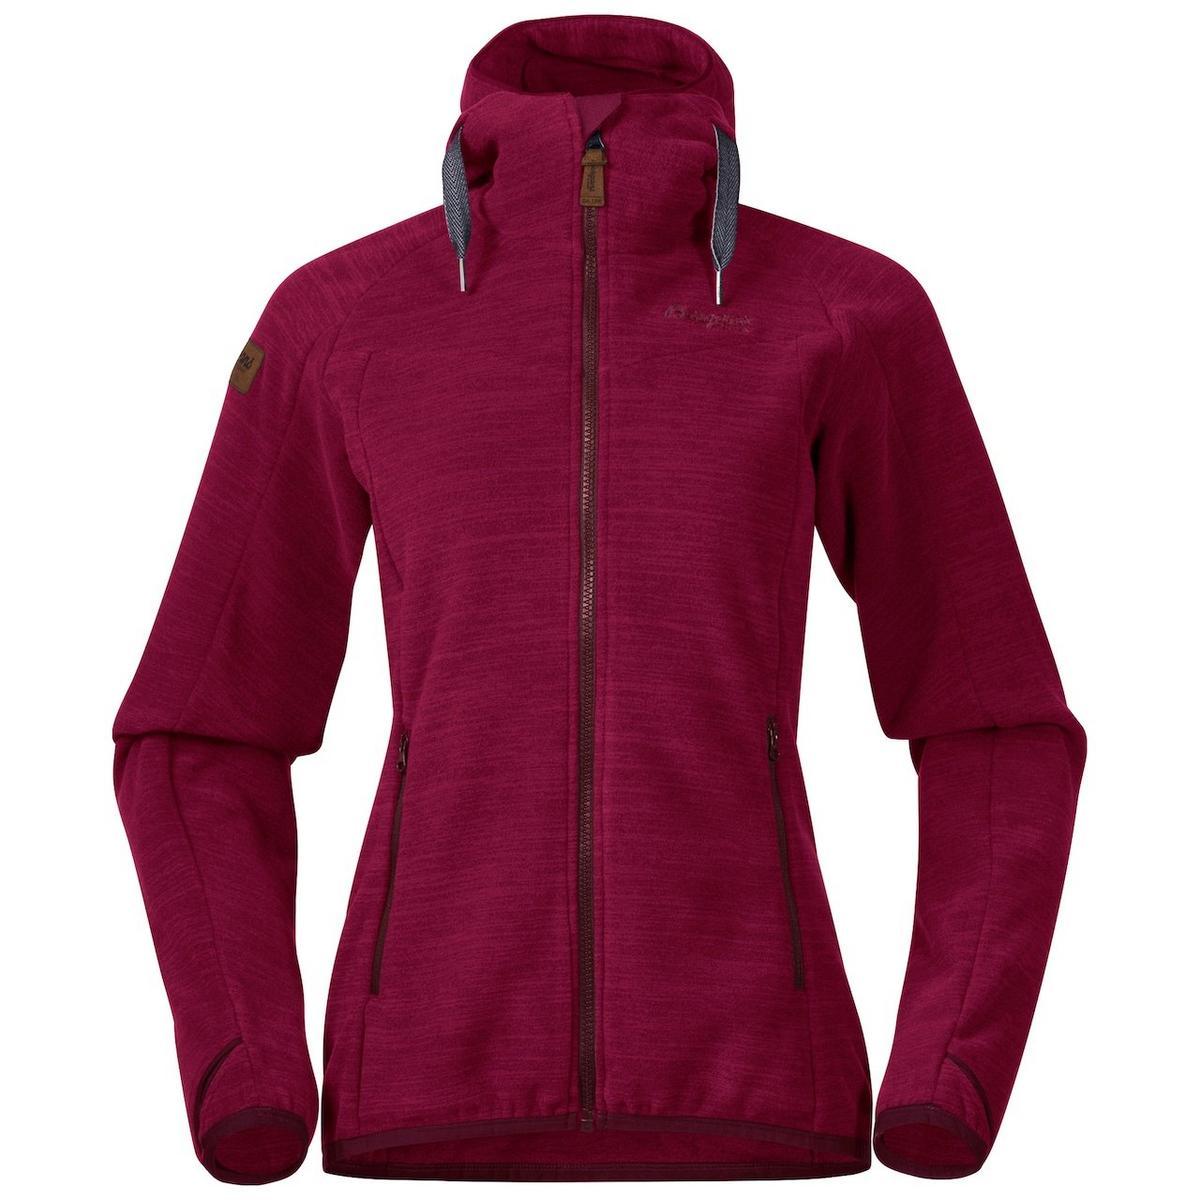 Bergans Women's Hareid Fleece Jacket - Zinfandel Red